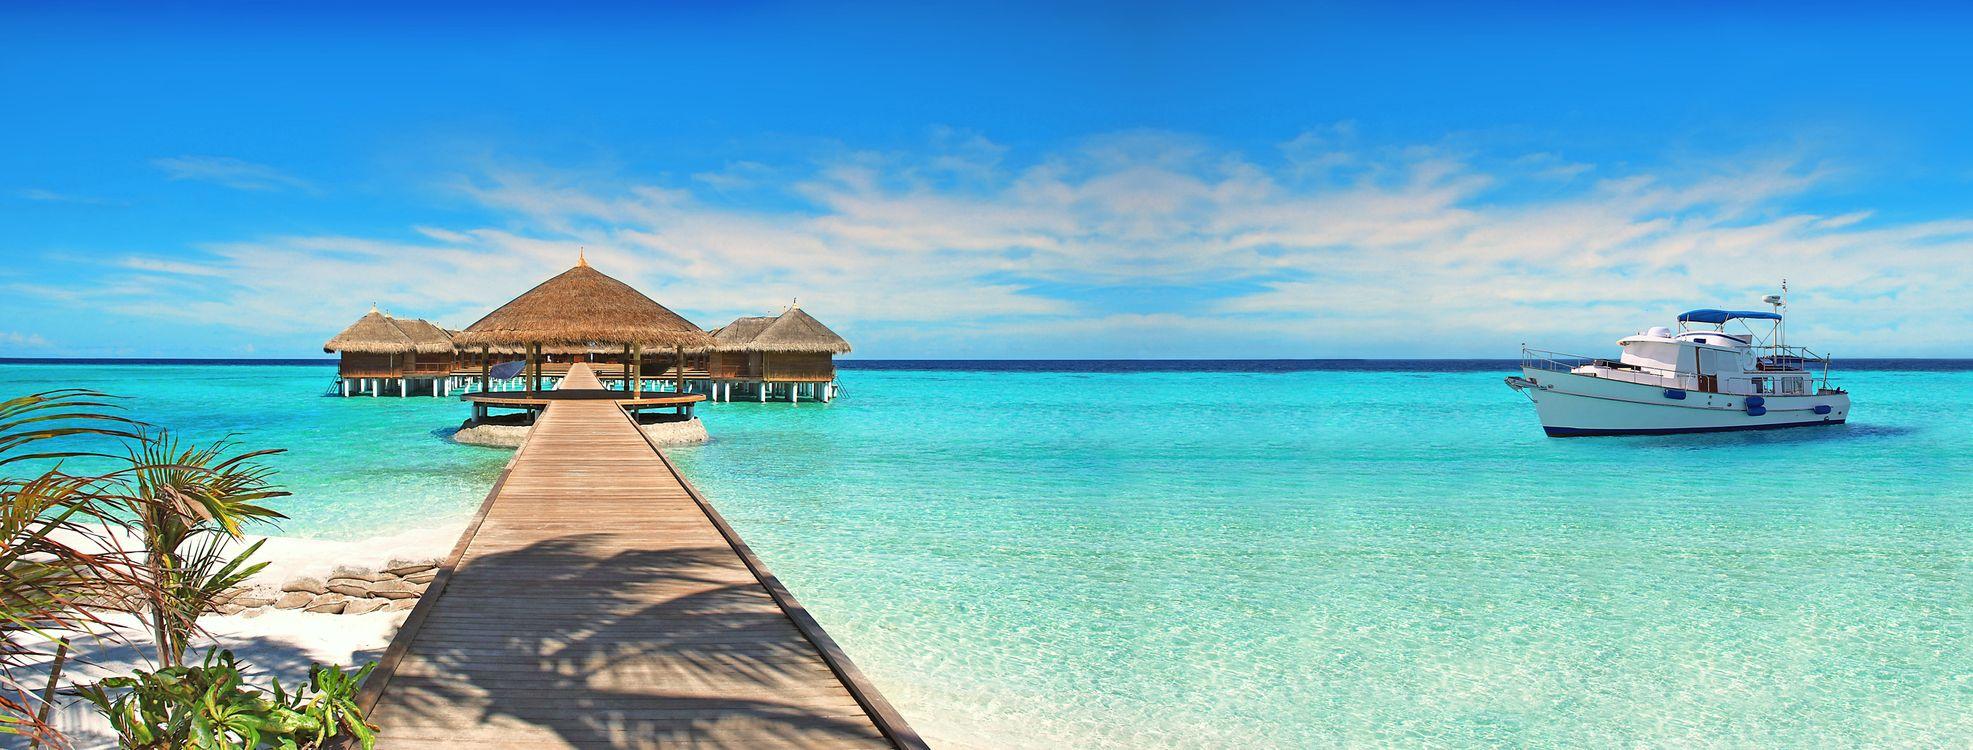 Фото бесплатно Мальдивы, тропики, пляж - на рабочий стол